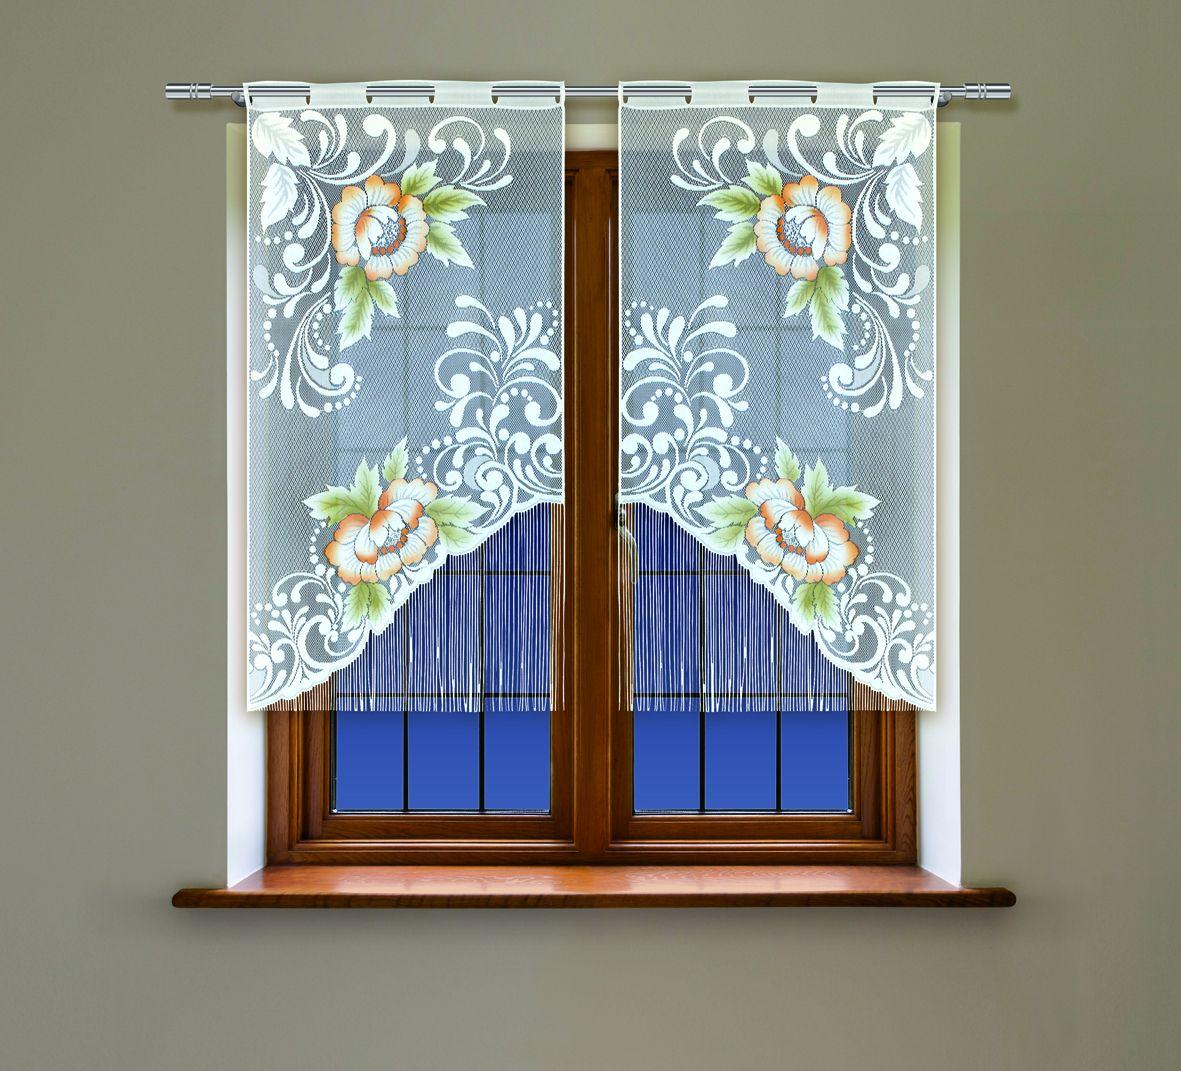 Комплект гардин Haft, на петлях, цвет: белый, высота 160 см, 2 шт. 4219С98299571Воздушные гардины Haft великолепно украсят любое окно. Комплект состоит из двух гардин, выполненных из полиэстера.Изделие имеет оригинальный дизайн и органично впишется в интерьер помещения.Комплект крепится на карниз при помощи петель.